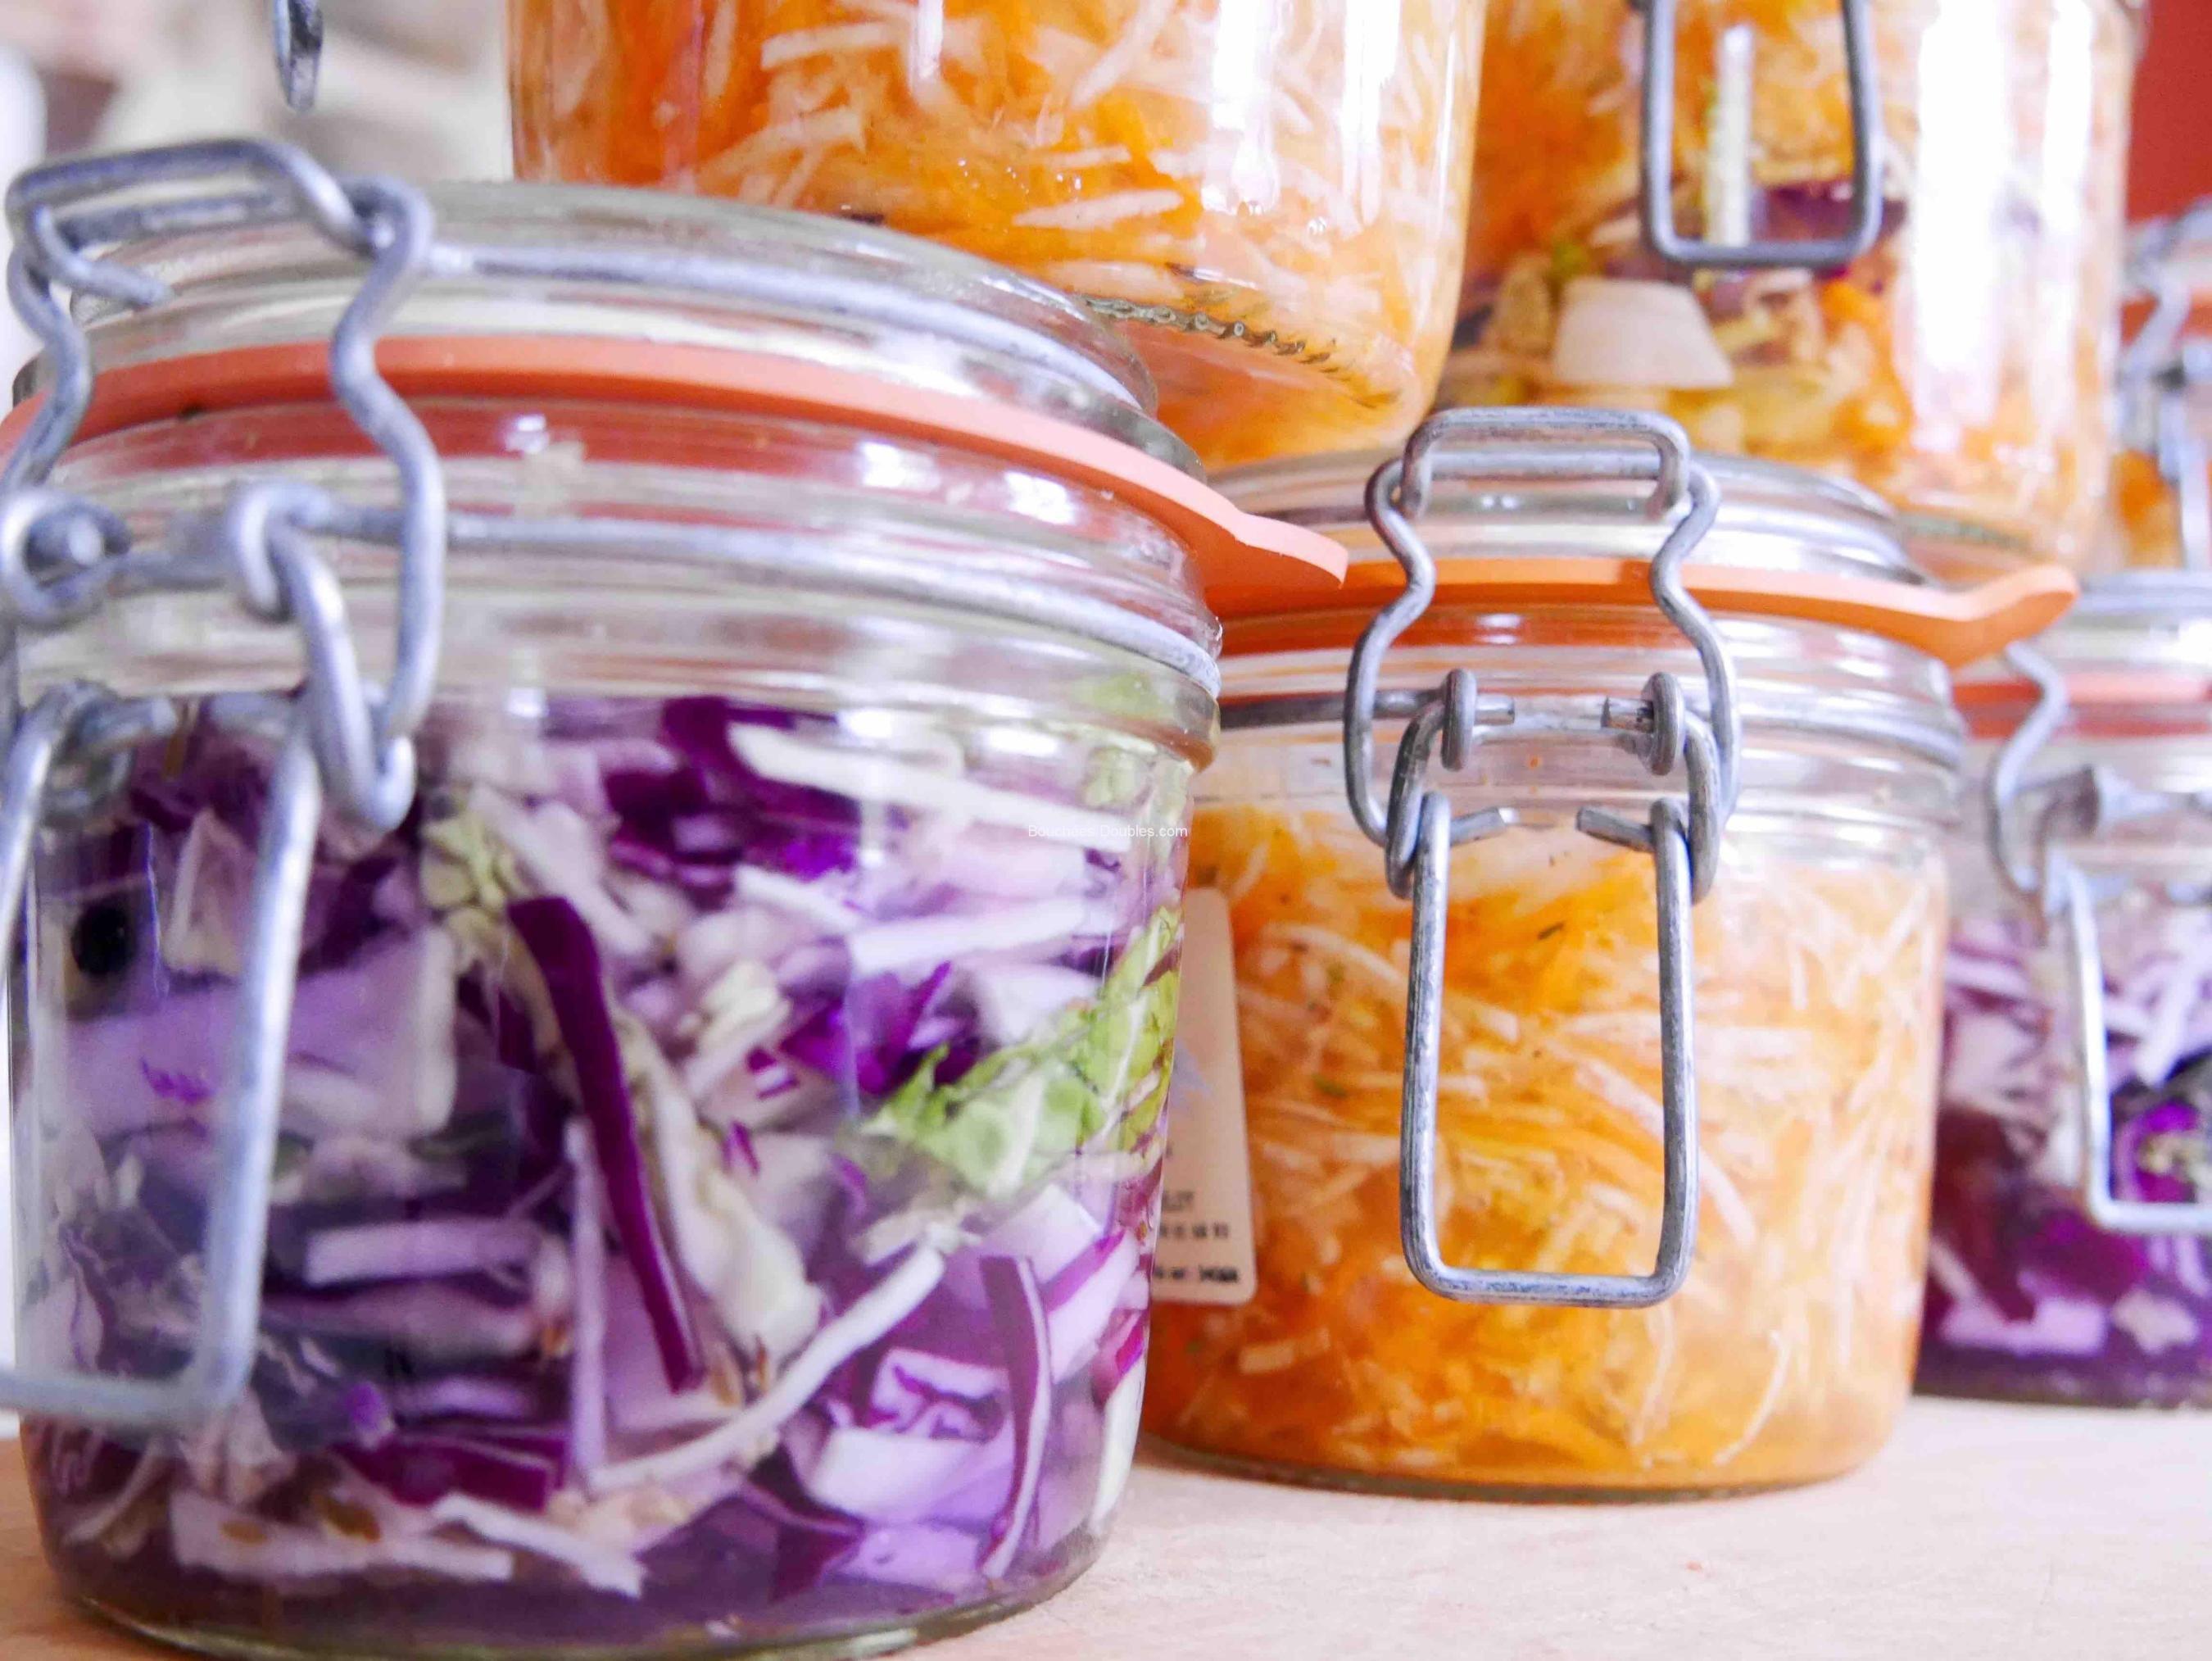 bocaux de lacto fermentation cuisine pinterest l gumes alimentation et choux. Black Bedroom Furniture Sets. Home Design Ideas